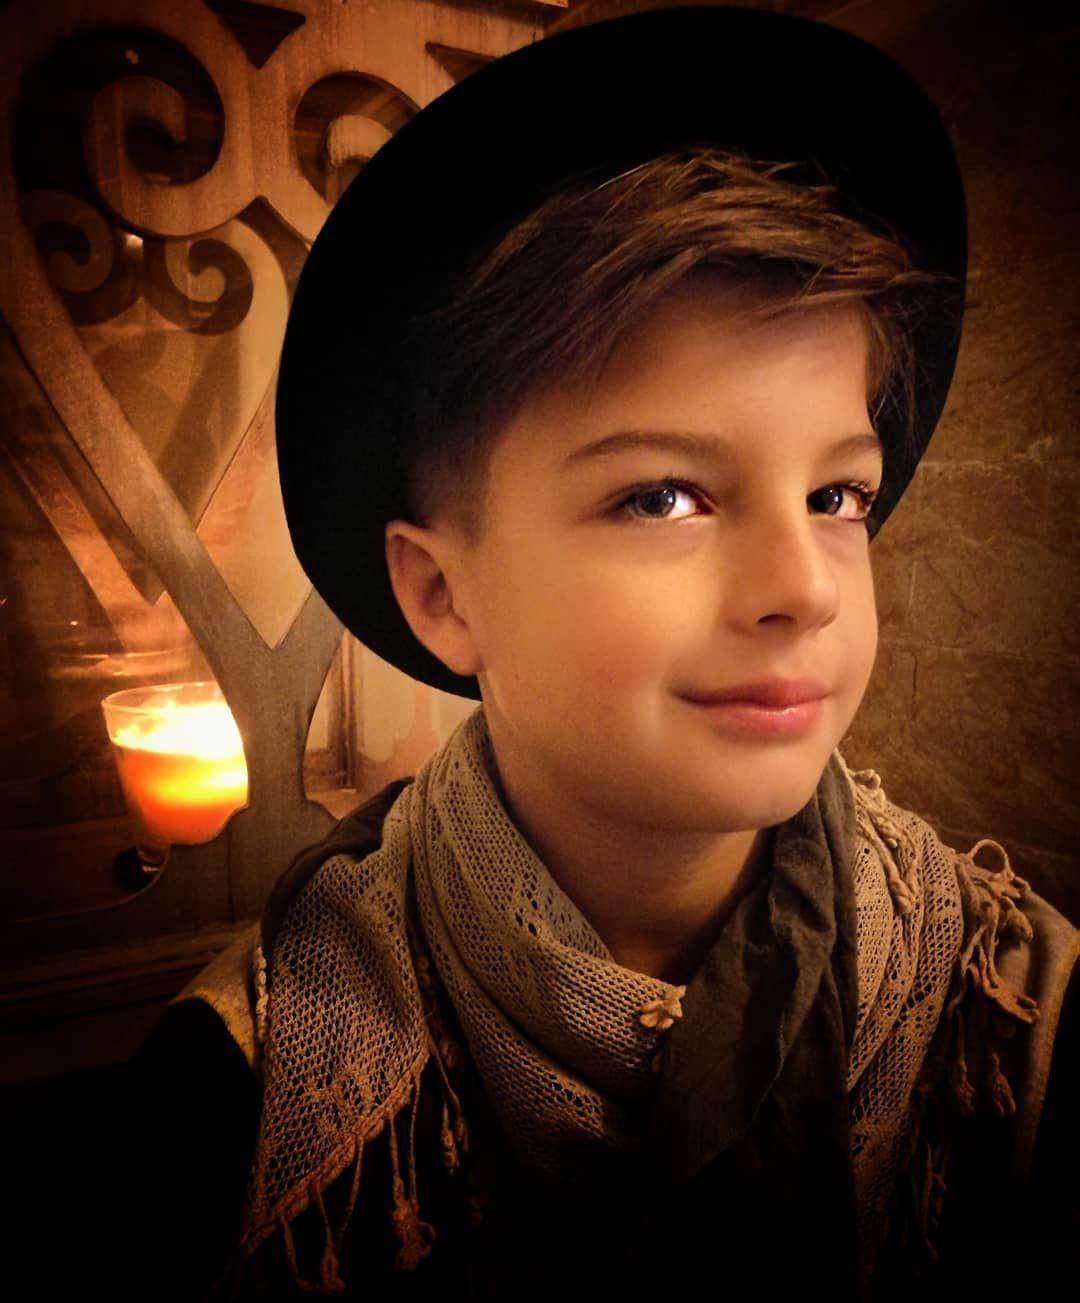 Hình ảnh đứa bé trai rất đẹp trai